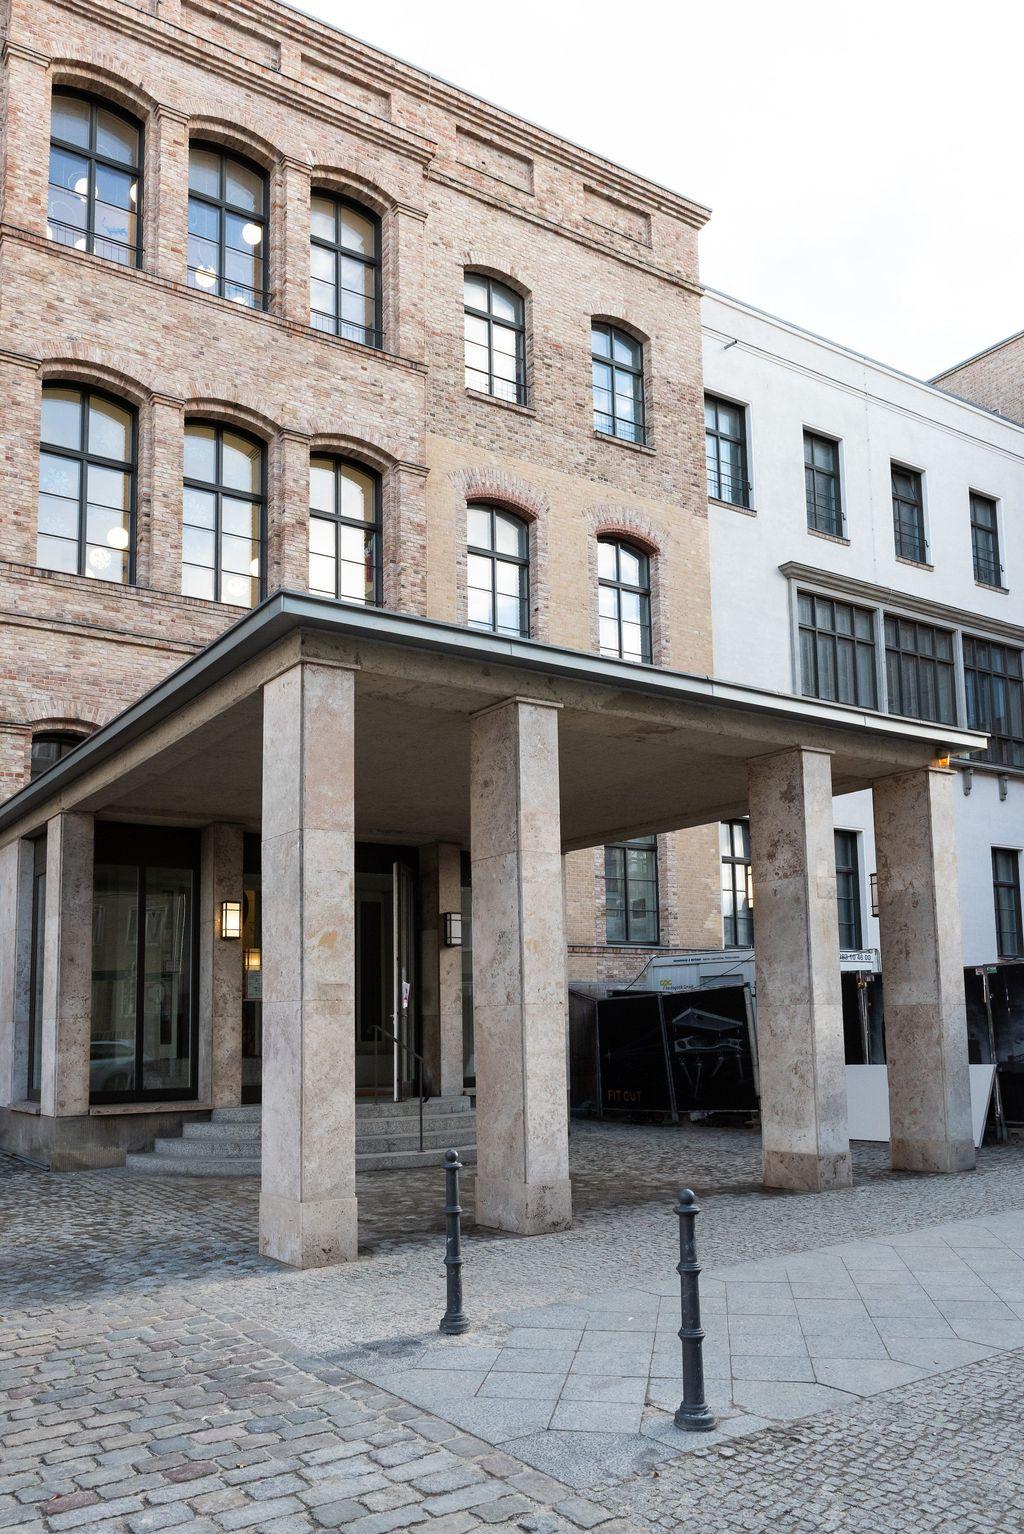 Kantor baru ini terletak di Museum Island, Berlin, yang memiliki luas 8.500 meter persegi. (Foto: Google)